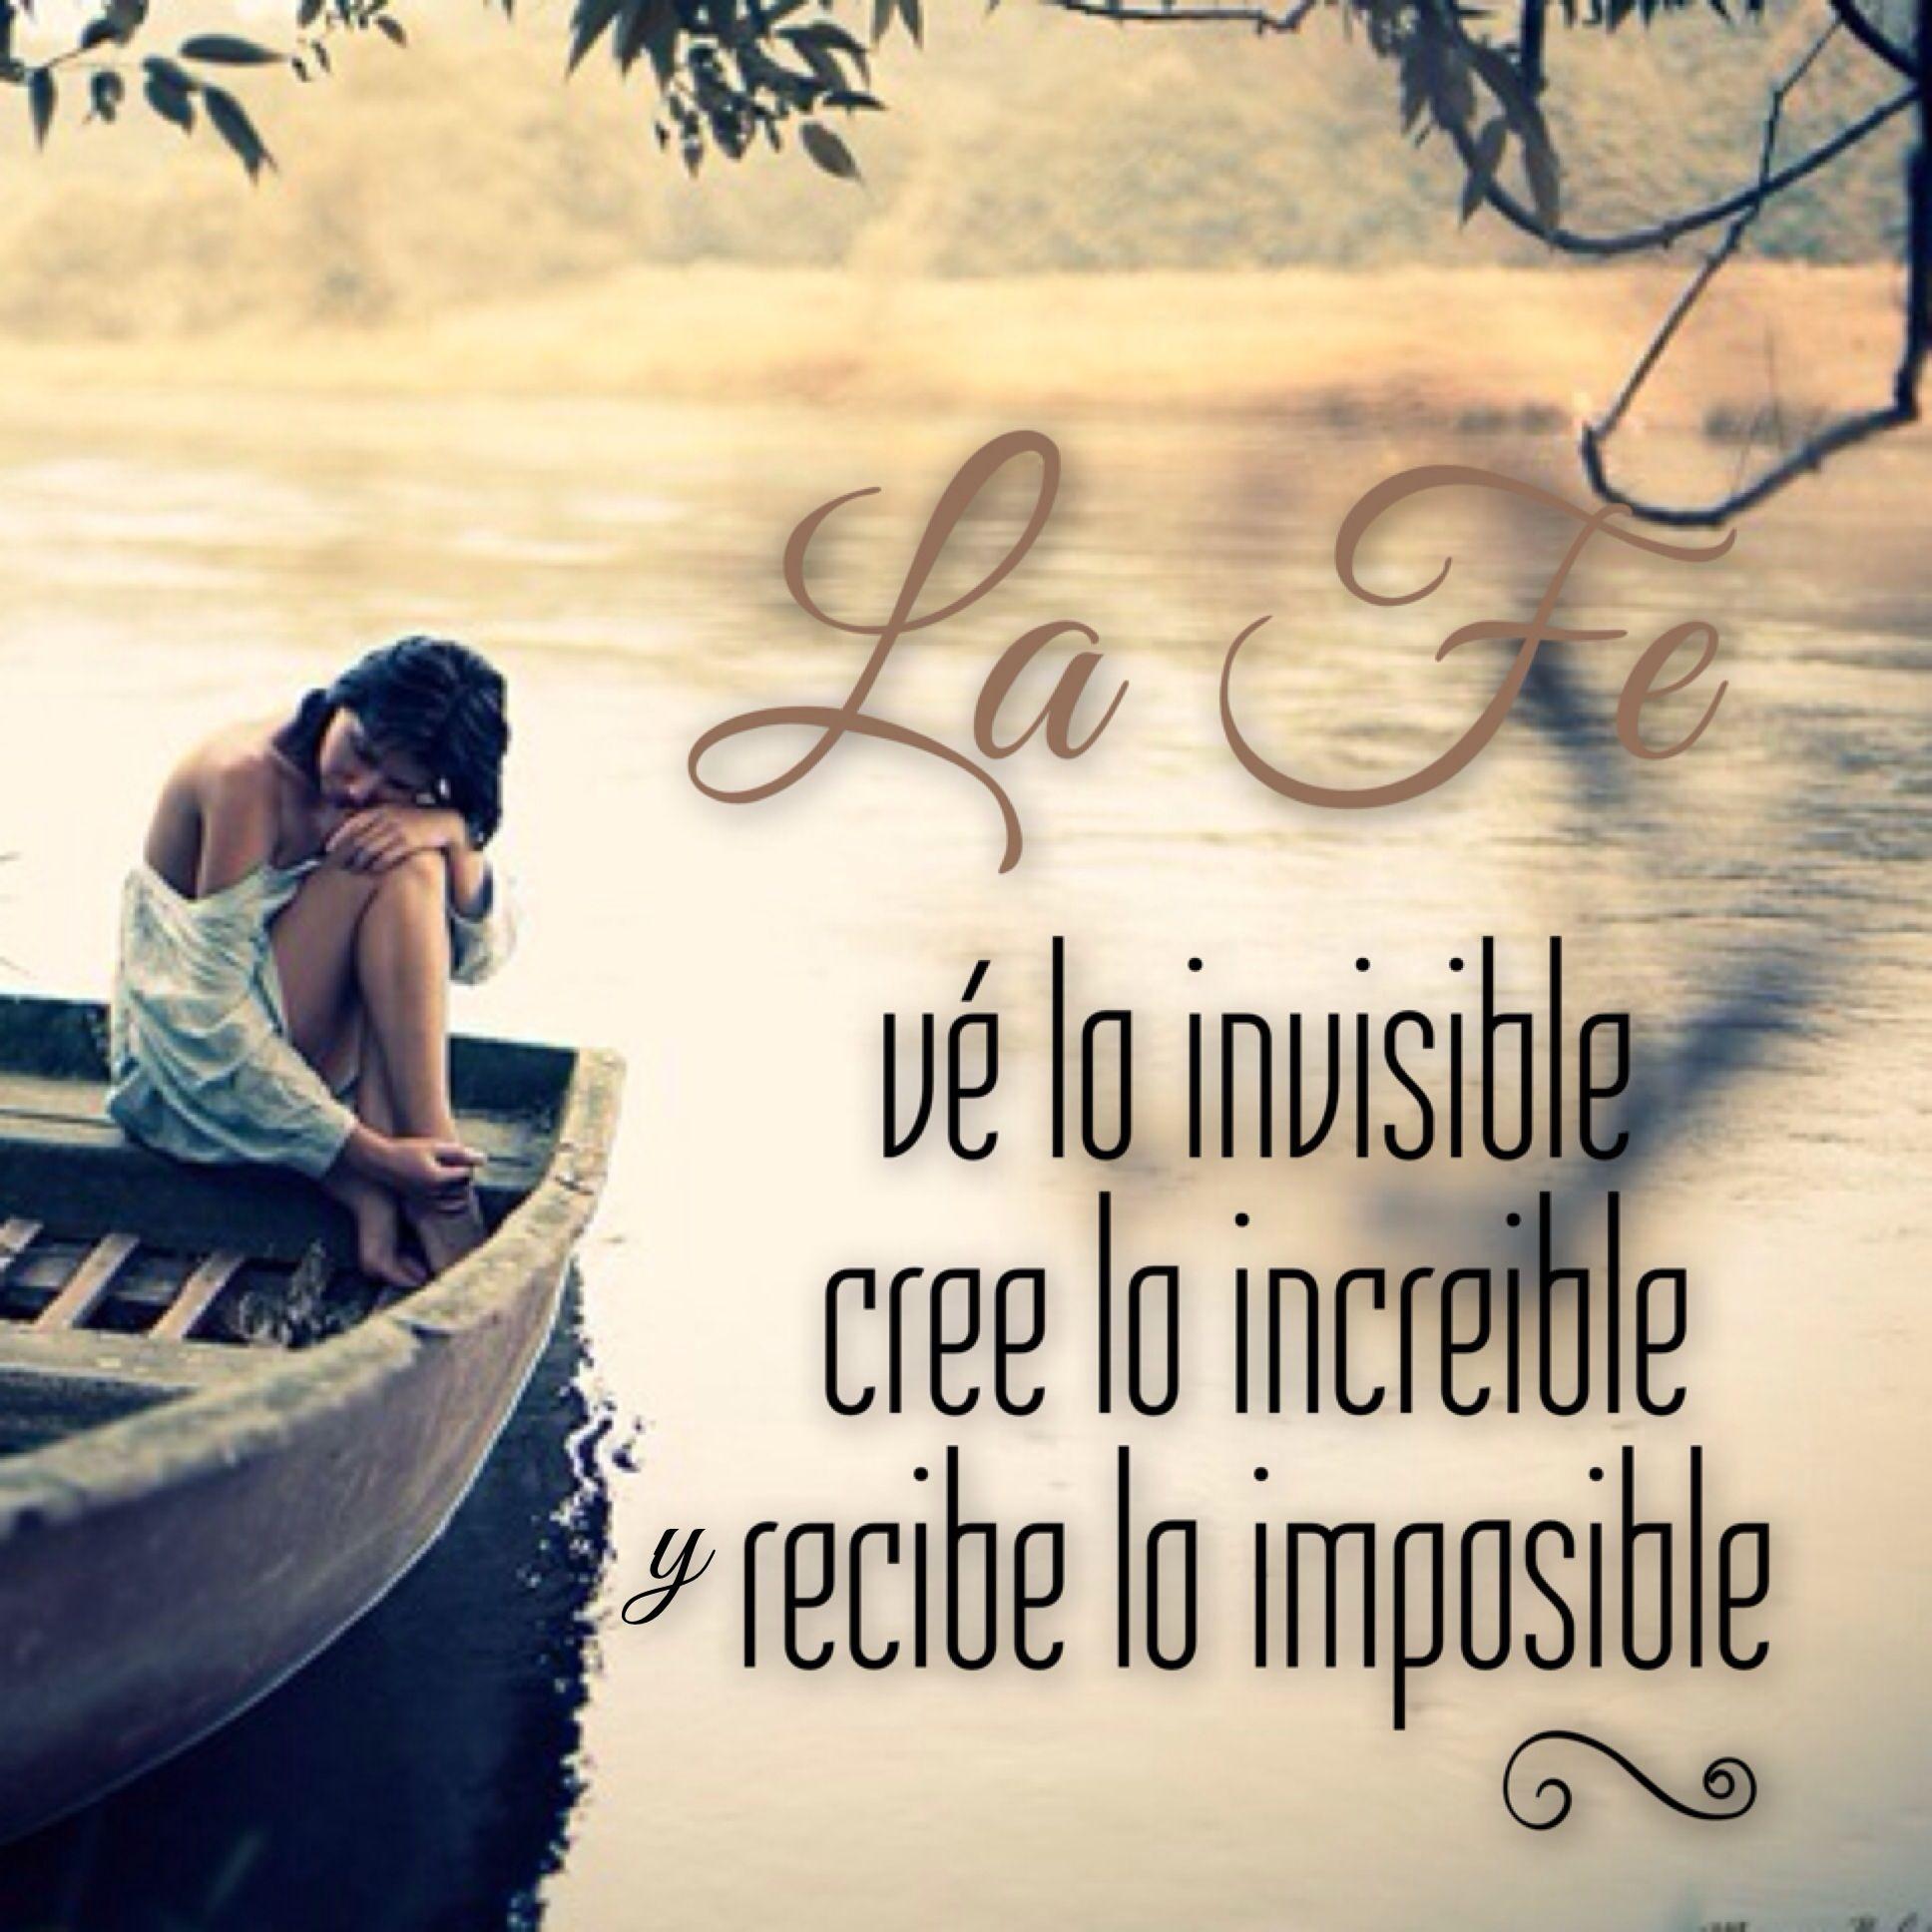 La Fe Ve Lo Invisible Cree Lo Increíble Y Recibe Los Imposible Imágenes De Bendiciones Frases Catolicas Palabras De ánimo